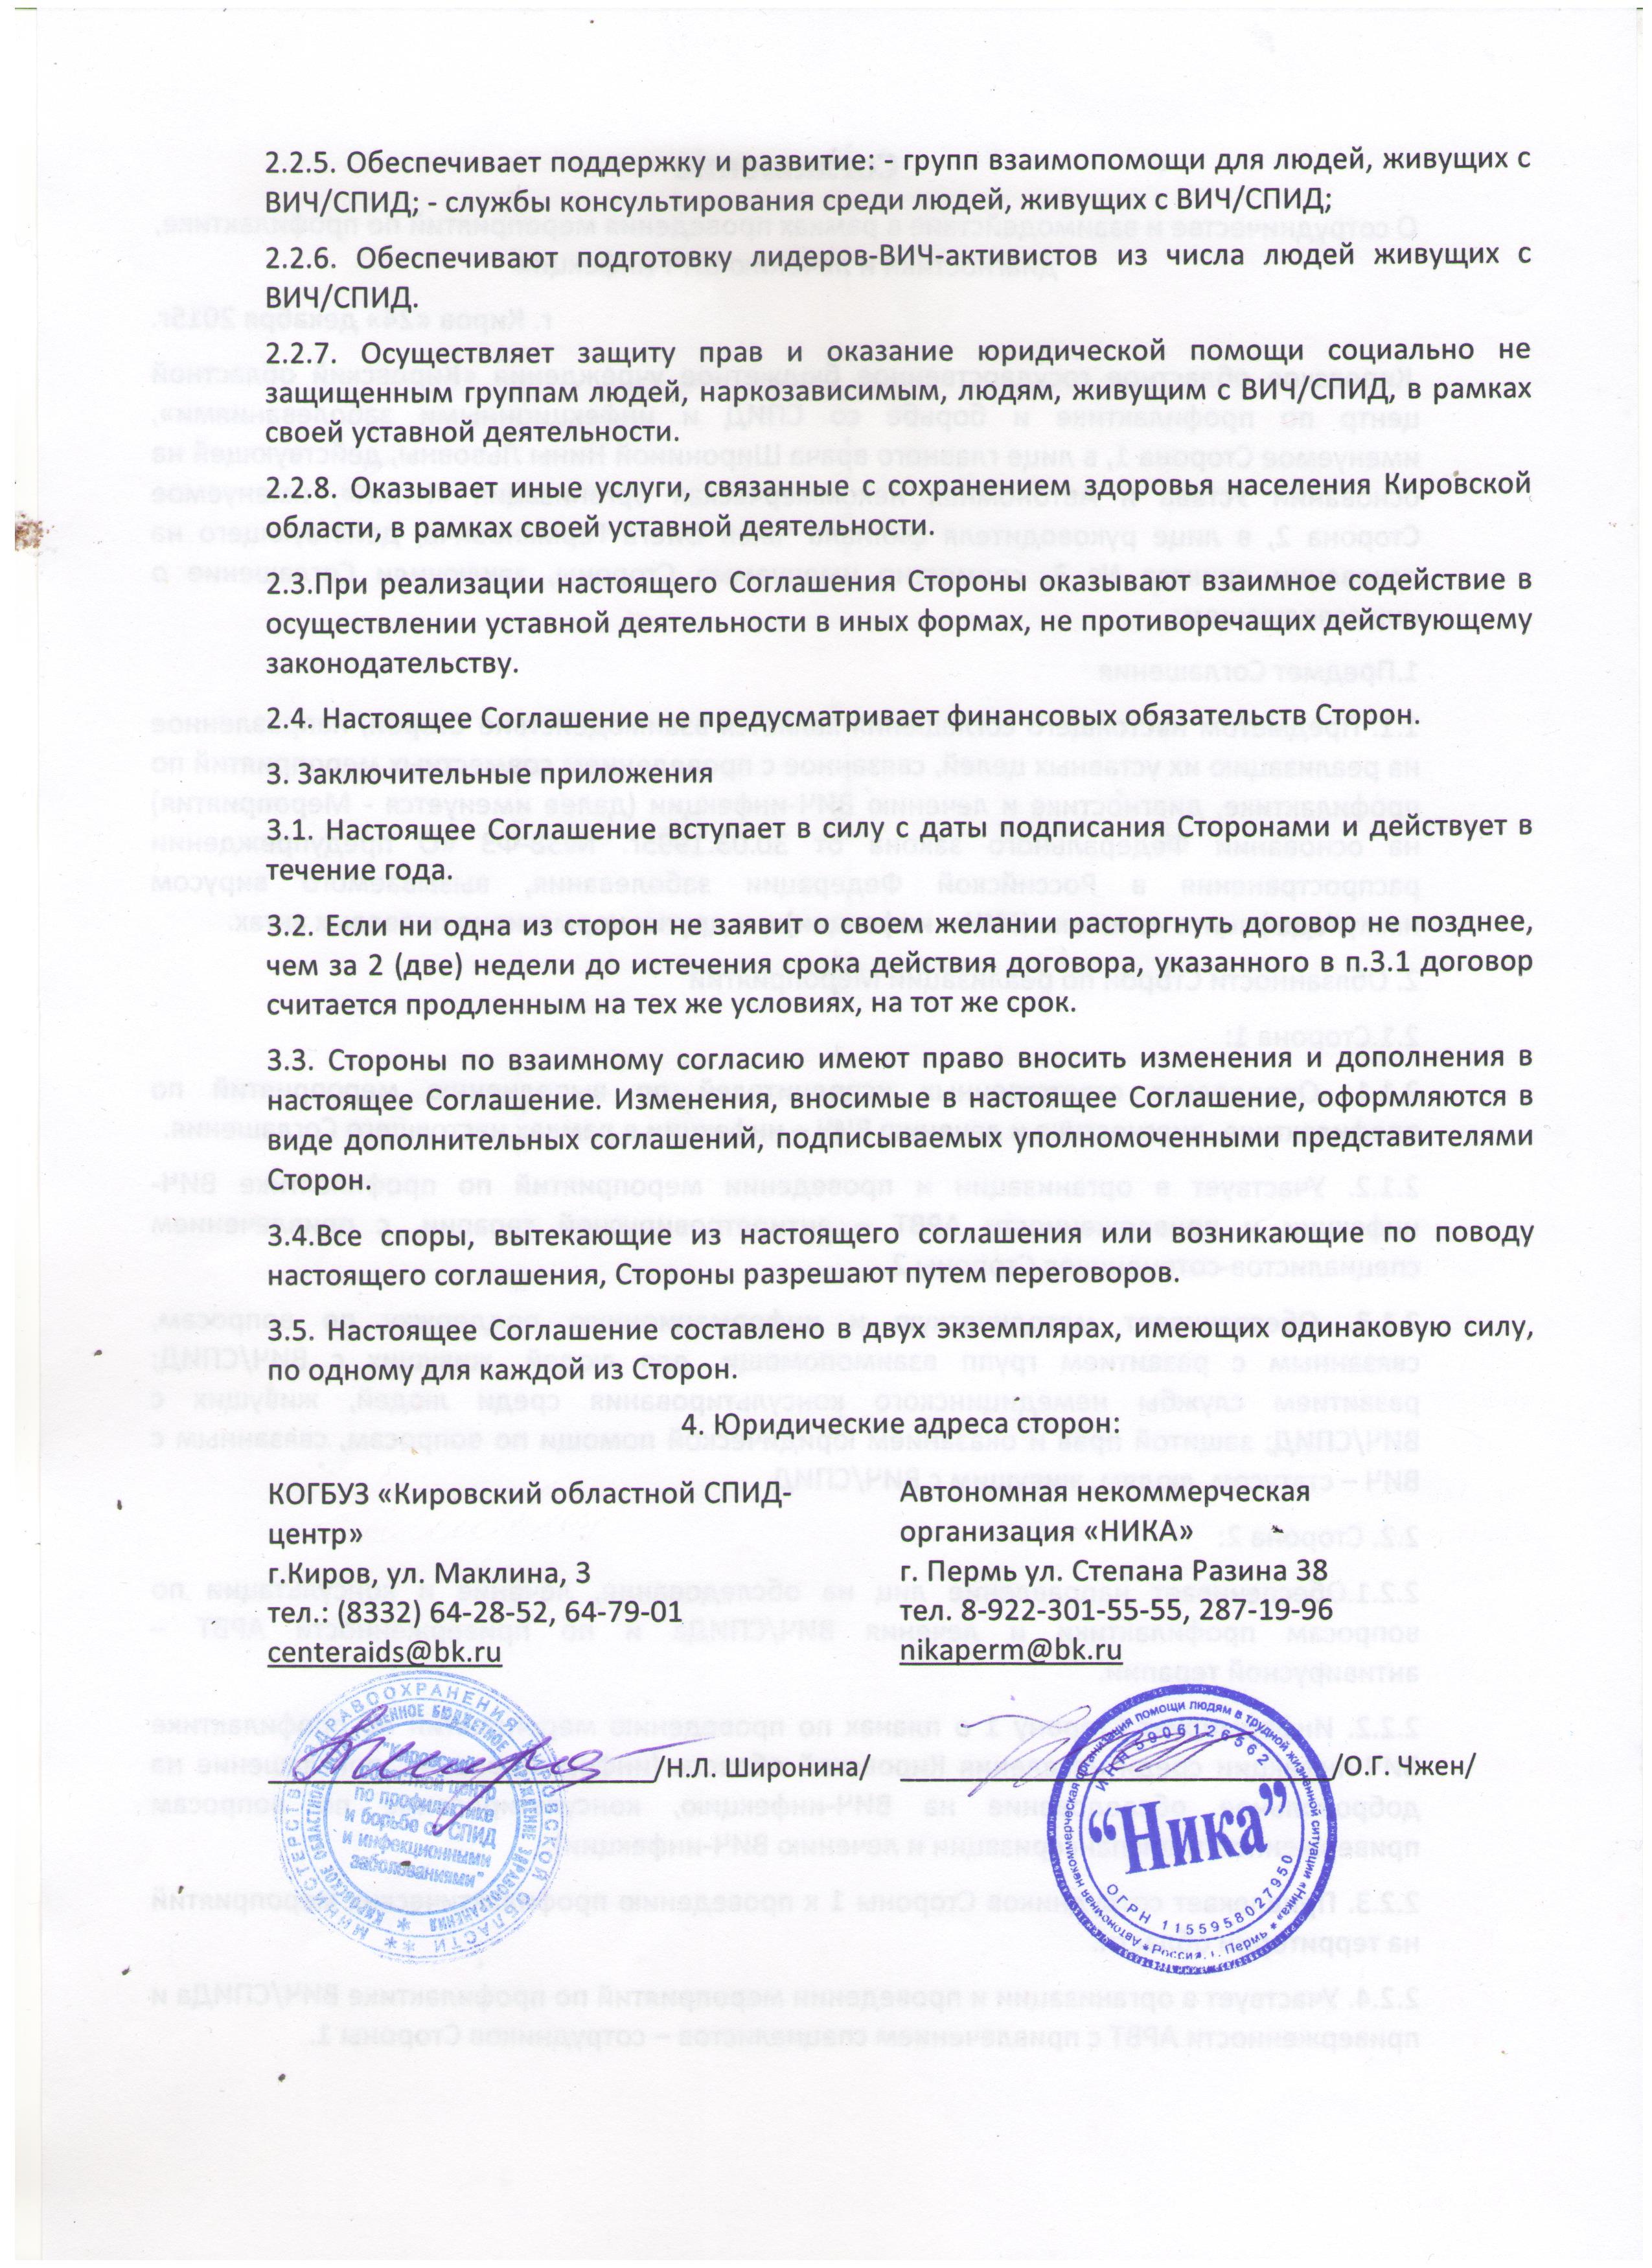 СПИДцентр Киров1